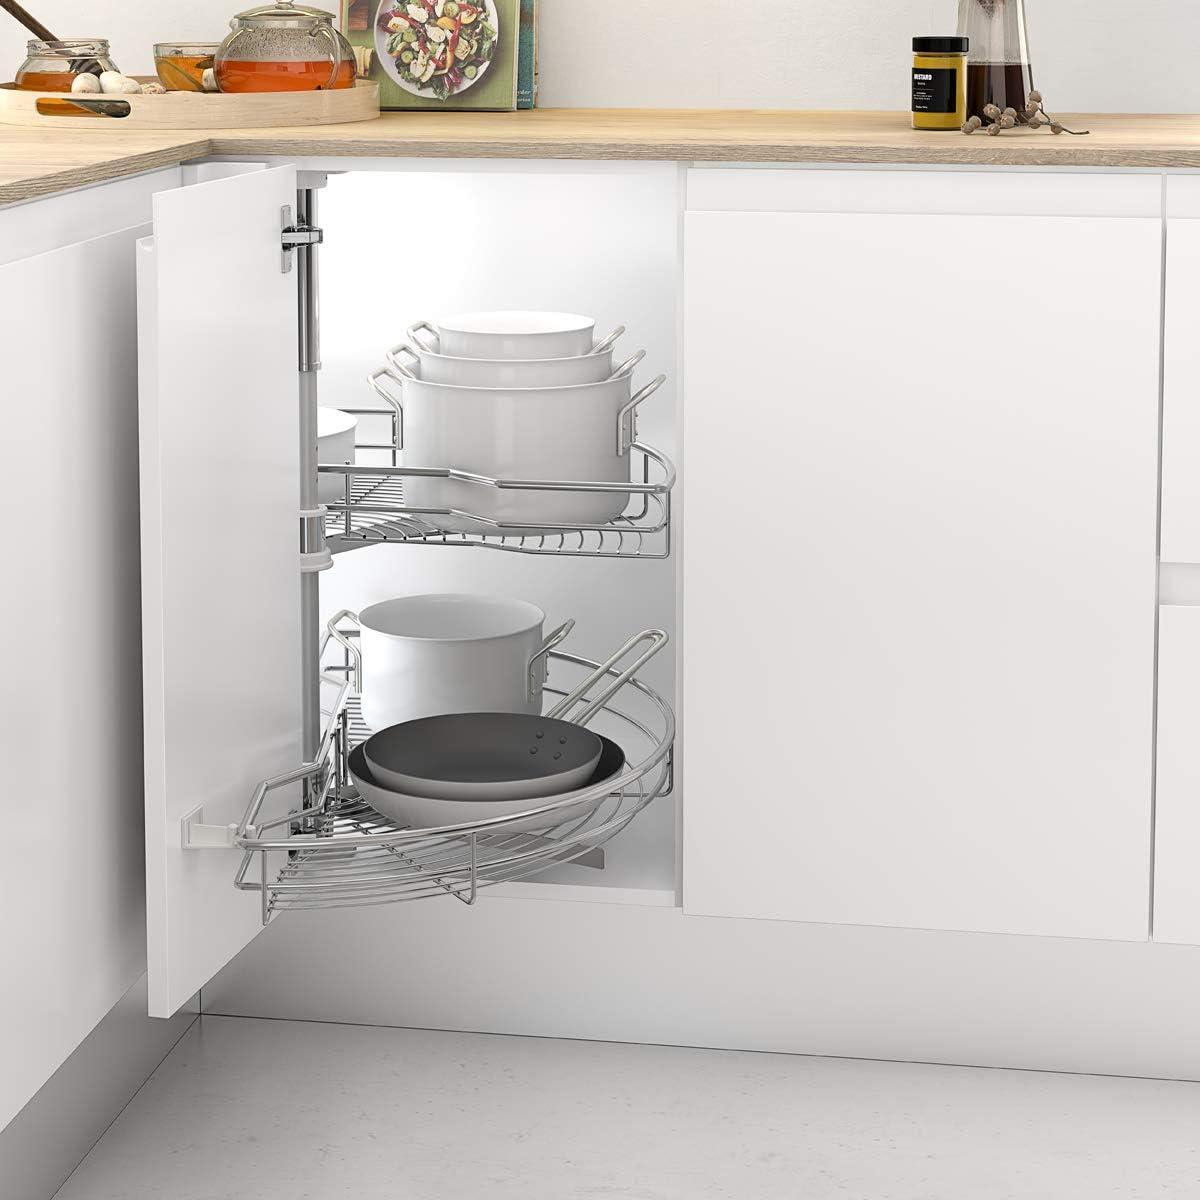 Casaenorden - Kit de 2 bandejas giratorias 180º de Rejilla para Mueble de Cocina rinconero - Mueble esquinero de Cocina - Ancho Puerta 500mm / Alto Producto 630-730mm